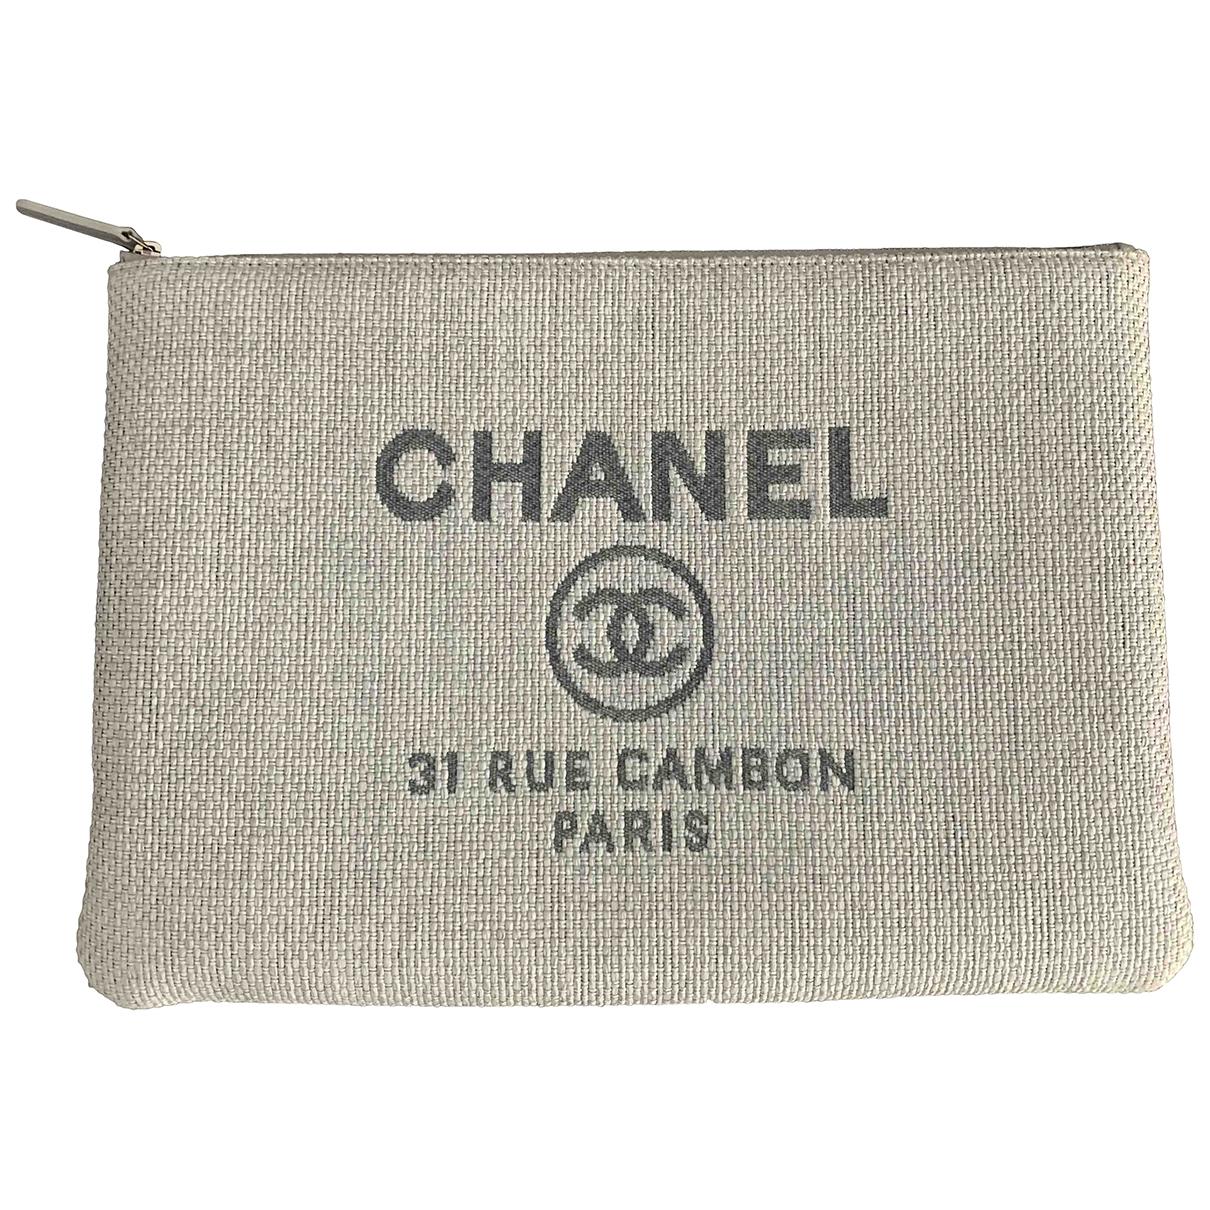 Pochette Deauville de Lona Chanel